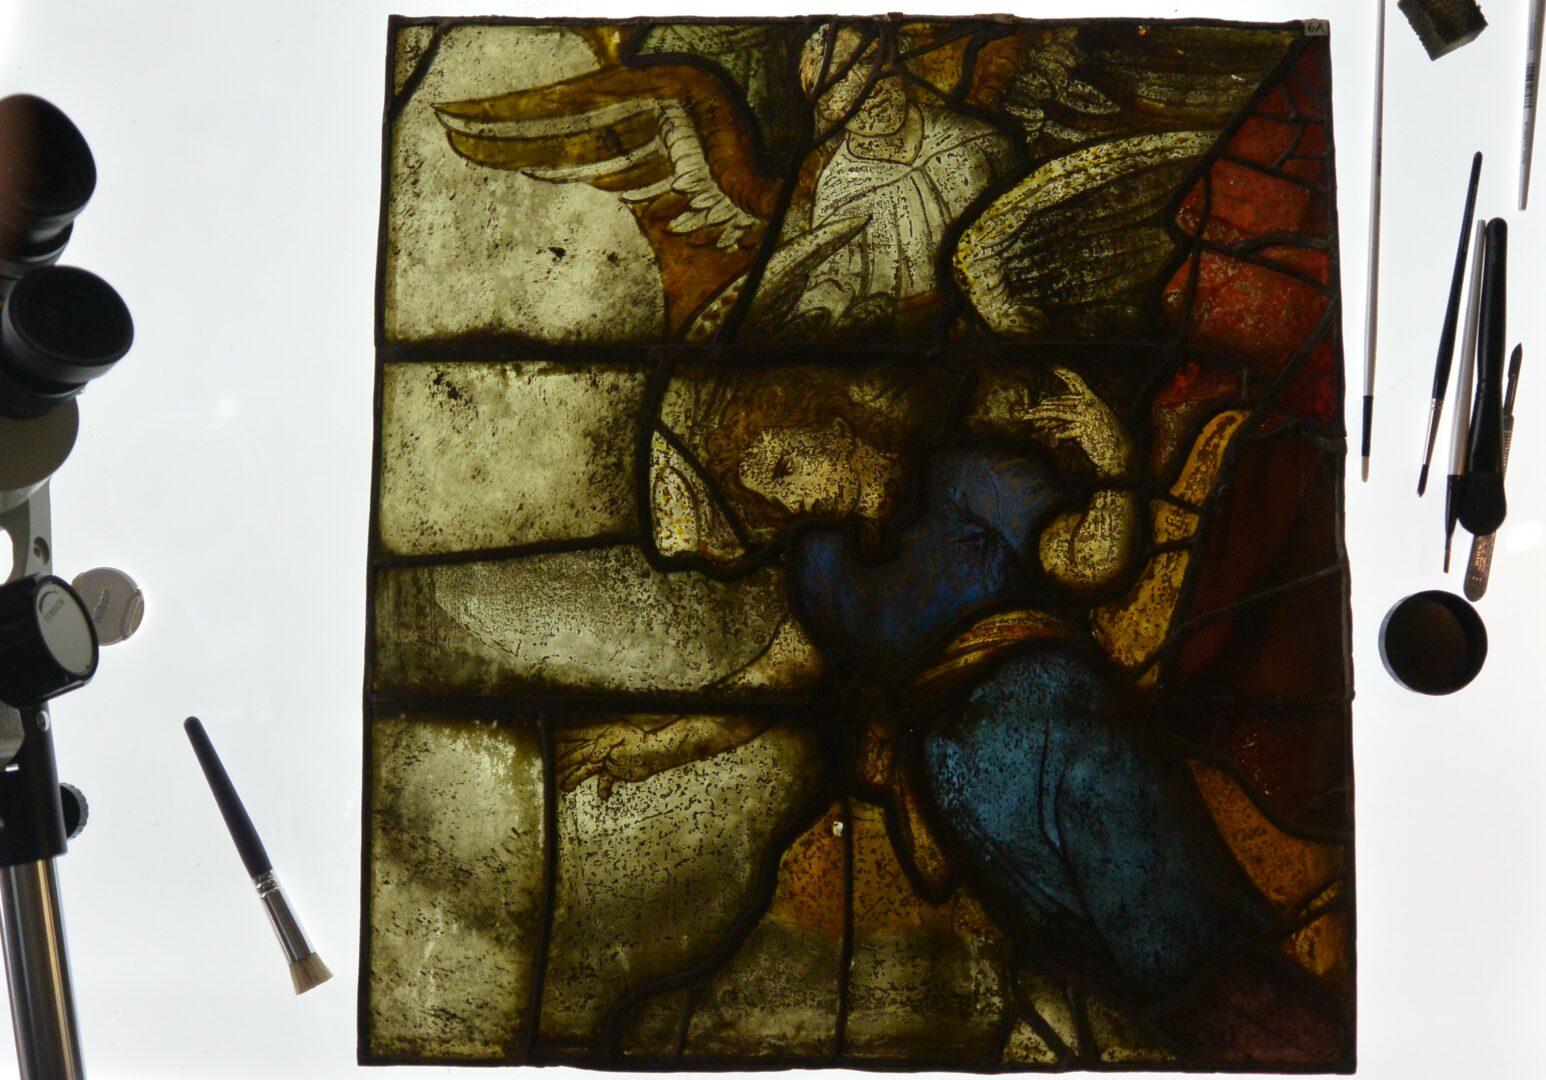 vooronderzoek glas in lood herstelling Atelier Mestdagh Merelbeke